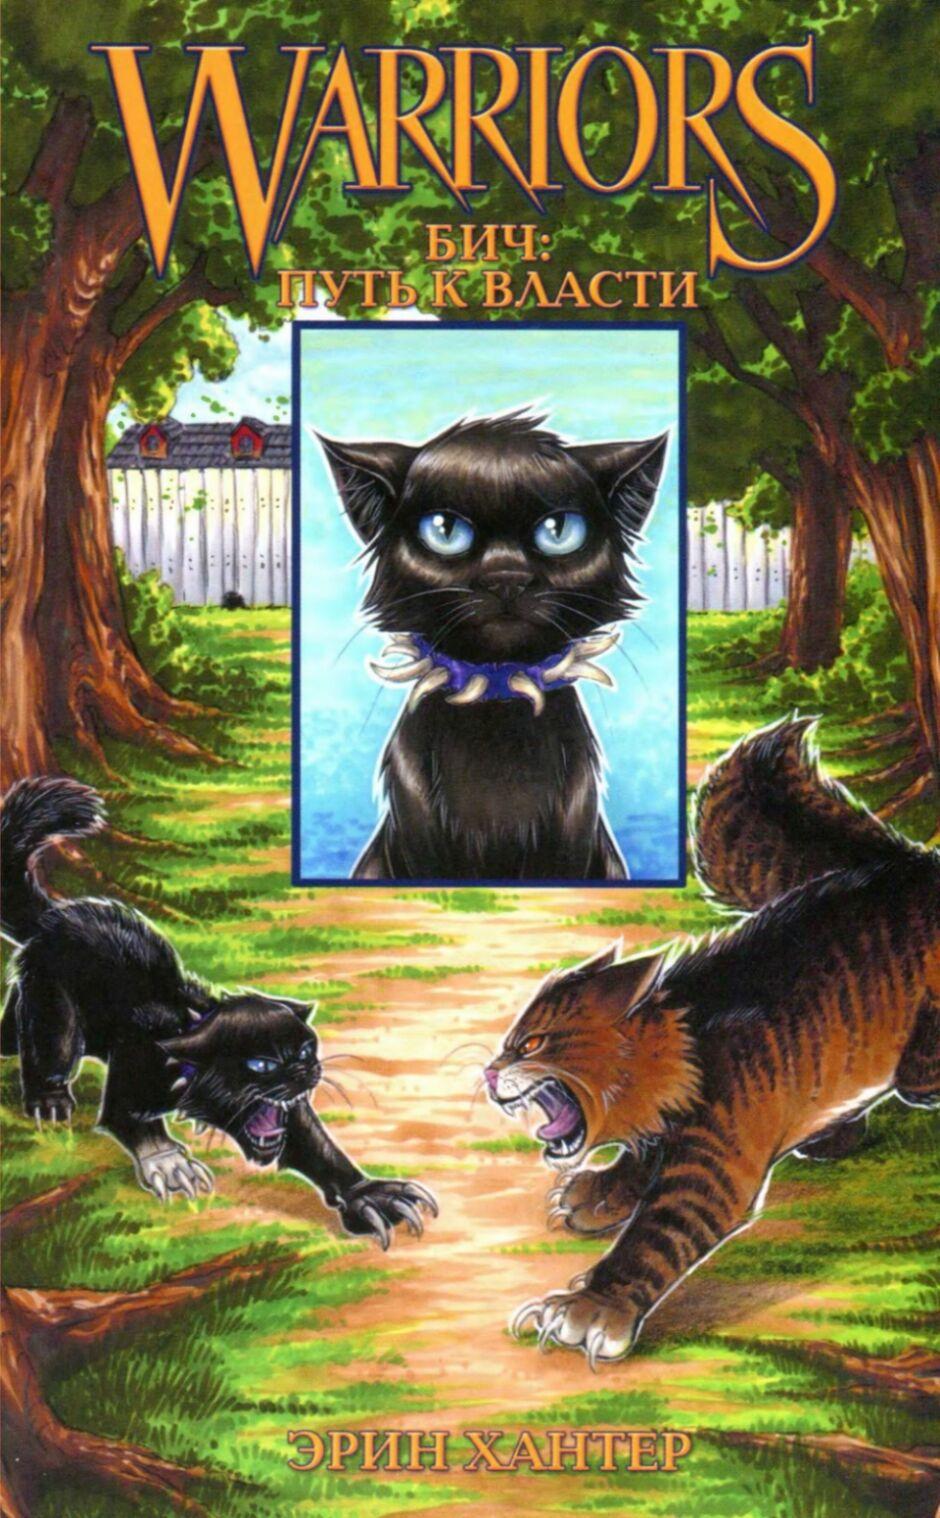 Картинки из манги коты воители